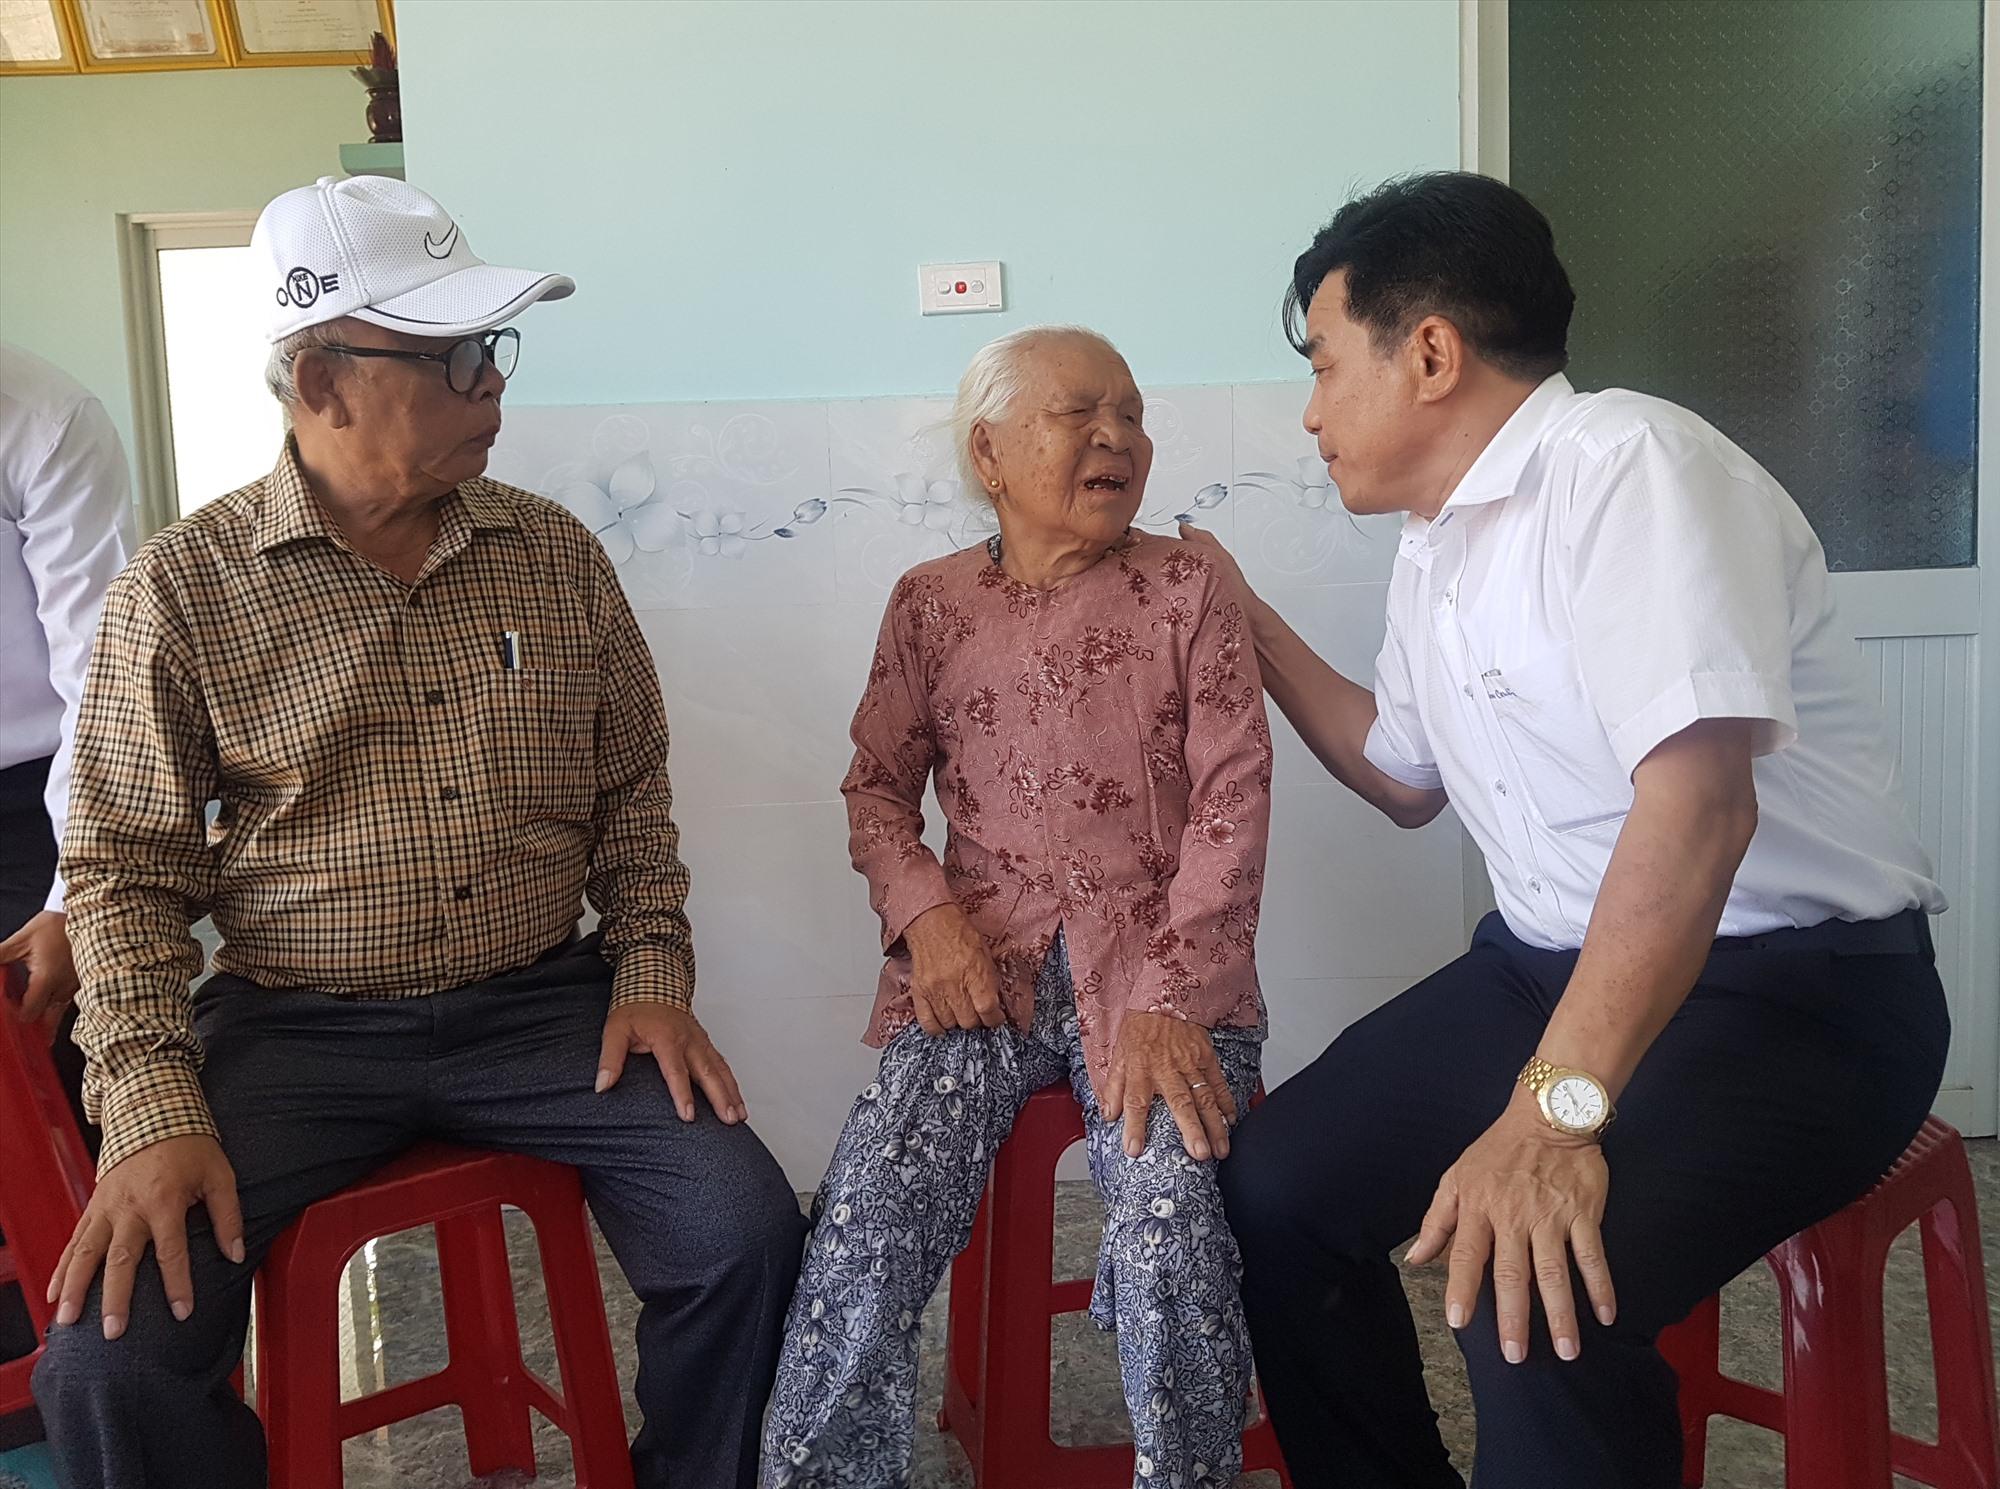 Phó Bí thư Tỉnh ủy Lê Văn Dũng thăm người có công nhân dịp Tết Nguyên đán năm 2020.